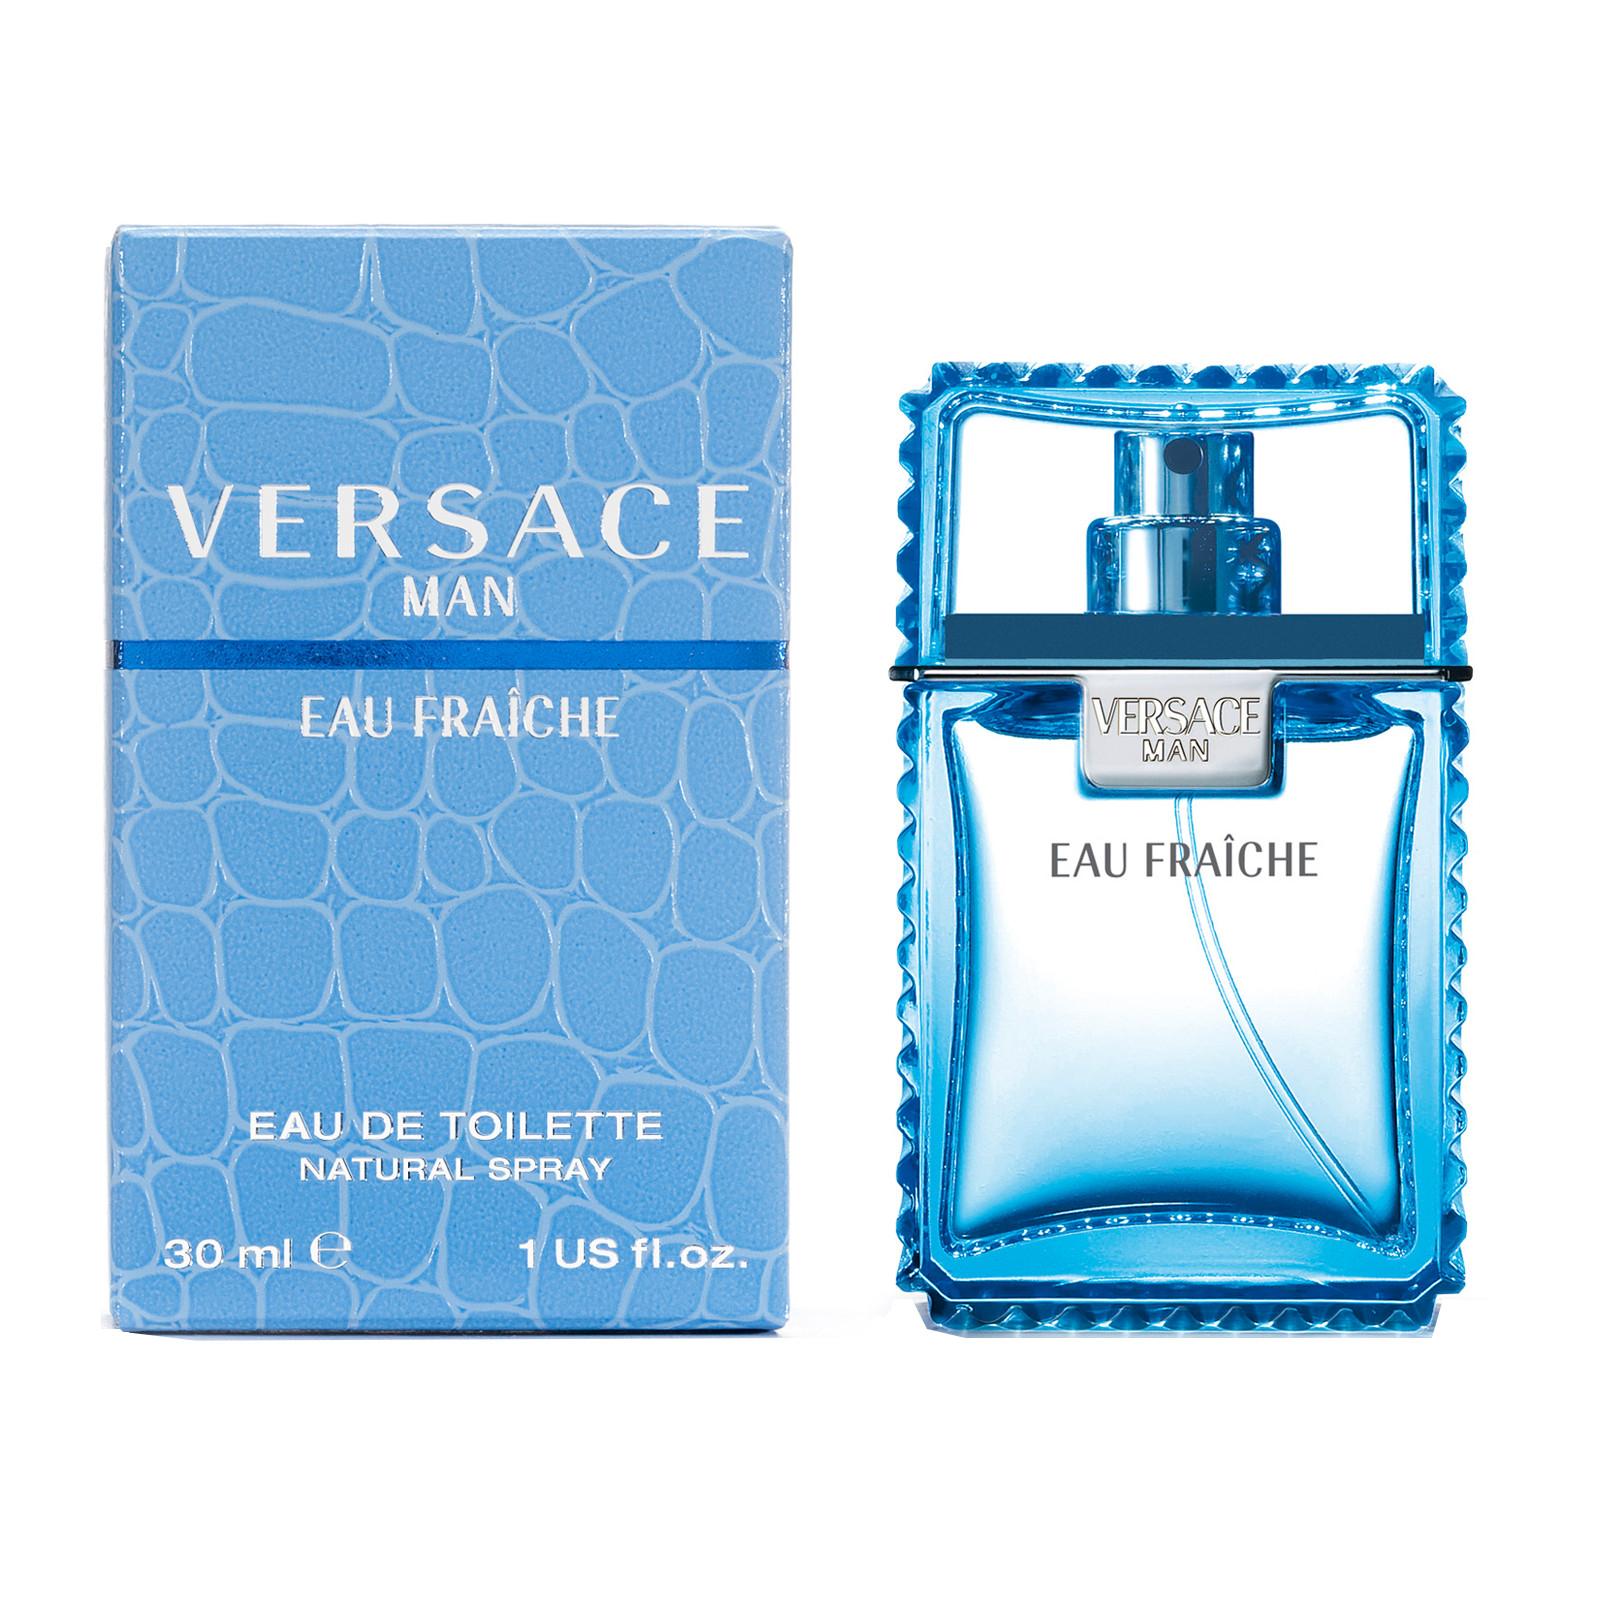 Versace Man Eau Fraiche - toaletní voda 5 ml miniatura M Objem: 5 ml